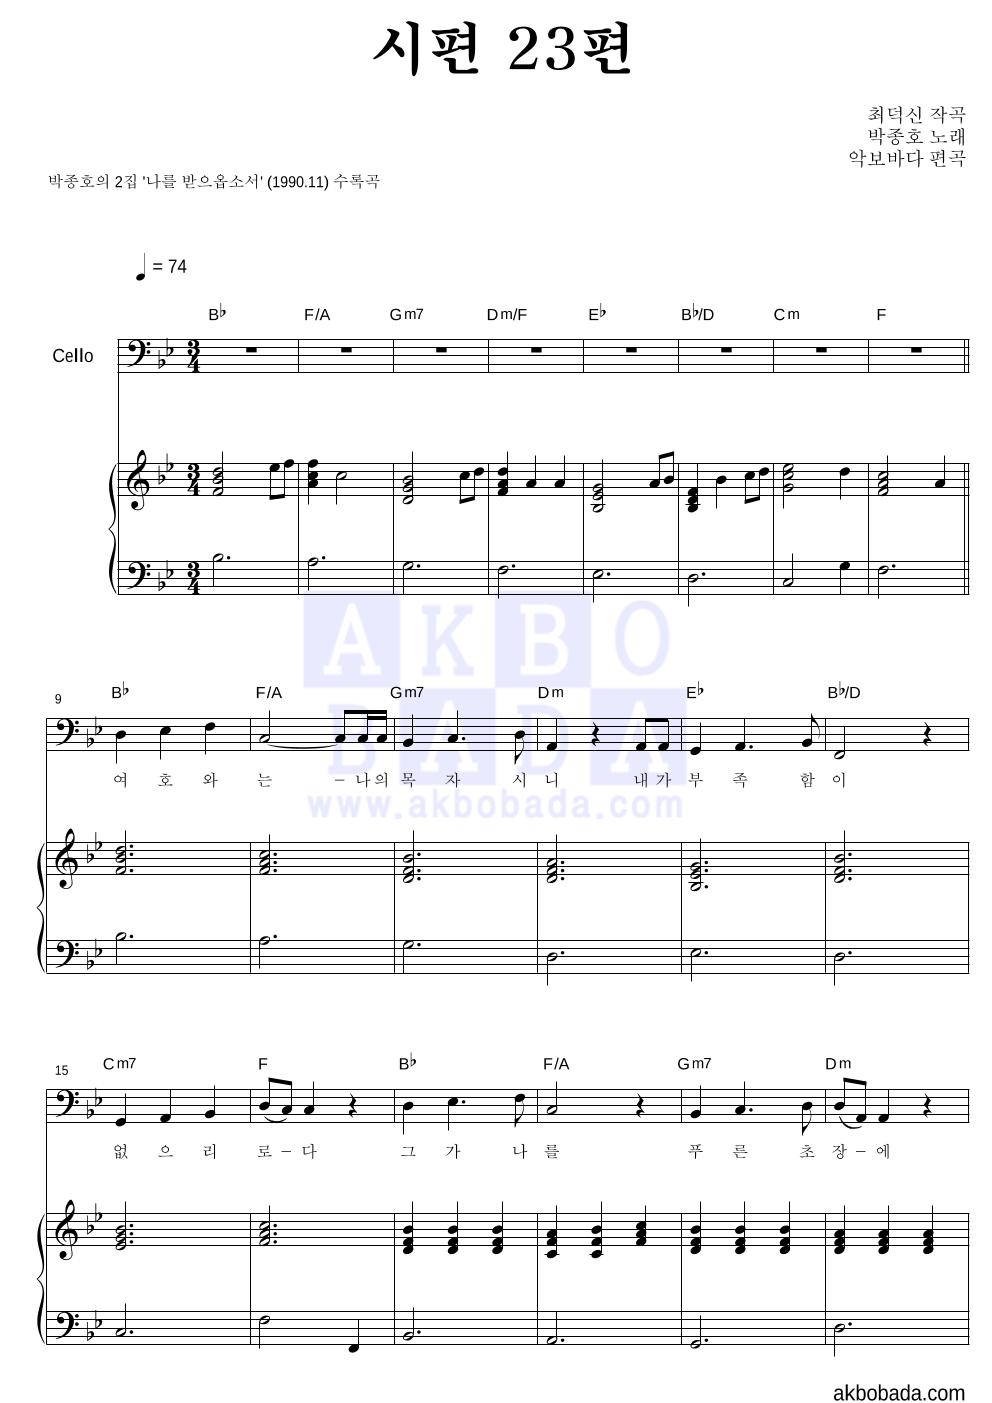 박종호 - 시편 23편 첼로&피아노 악보